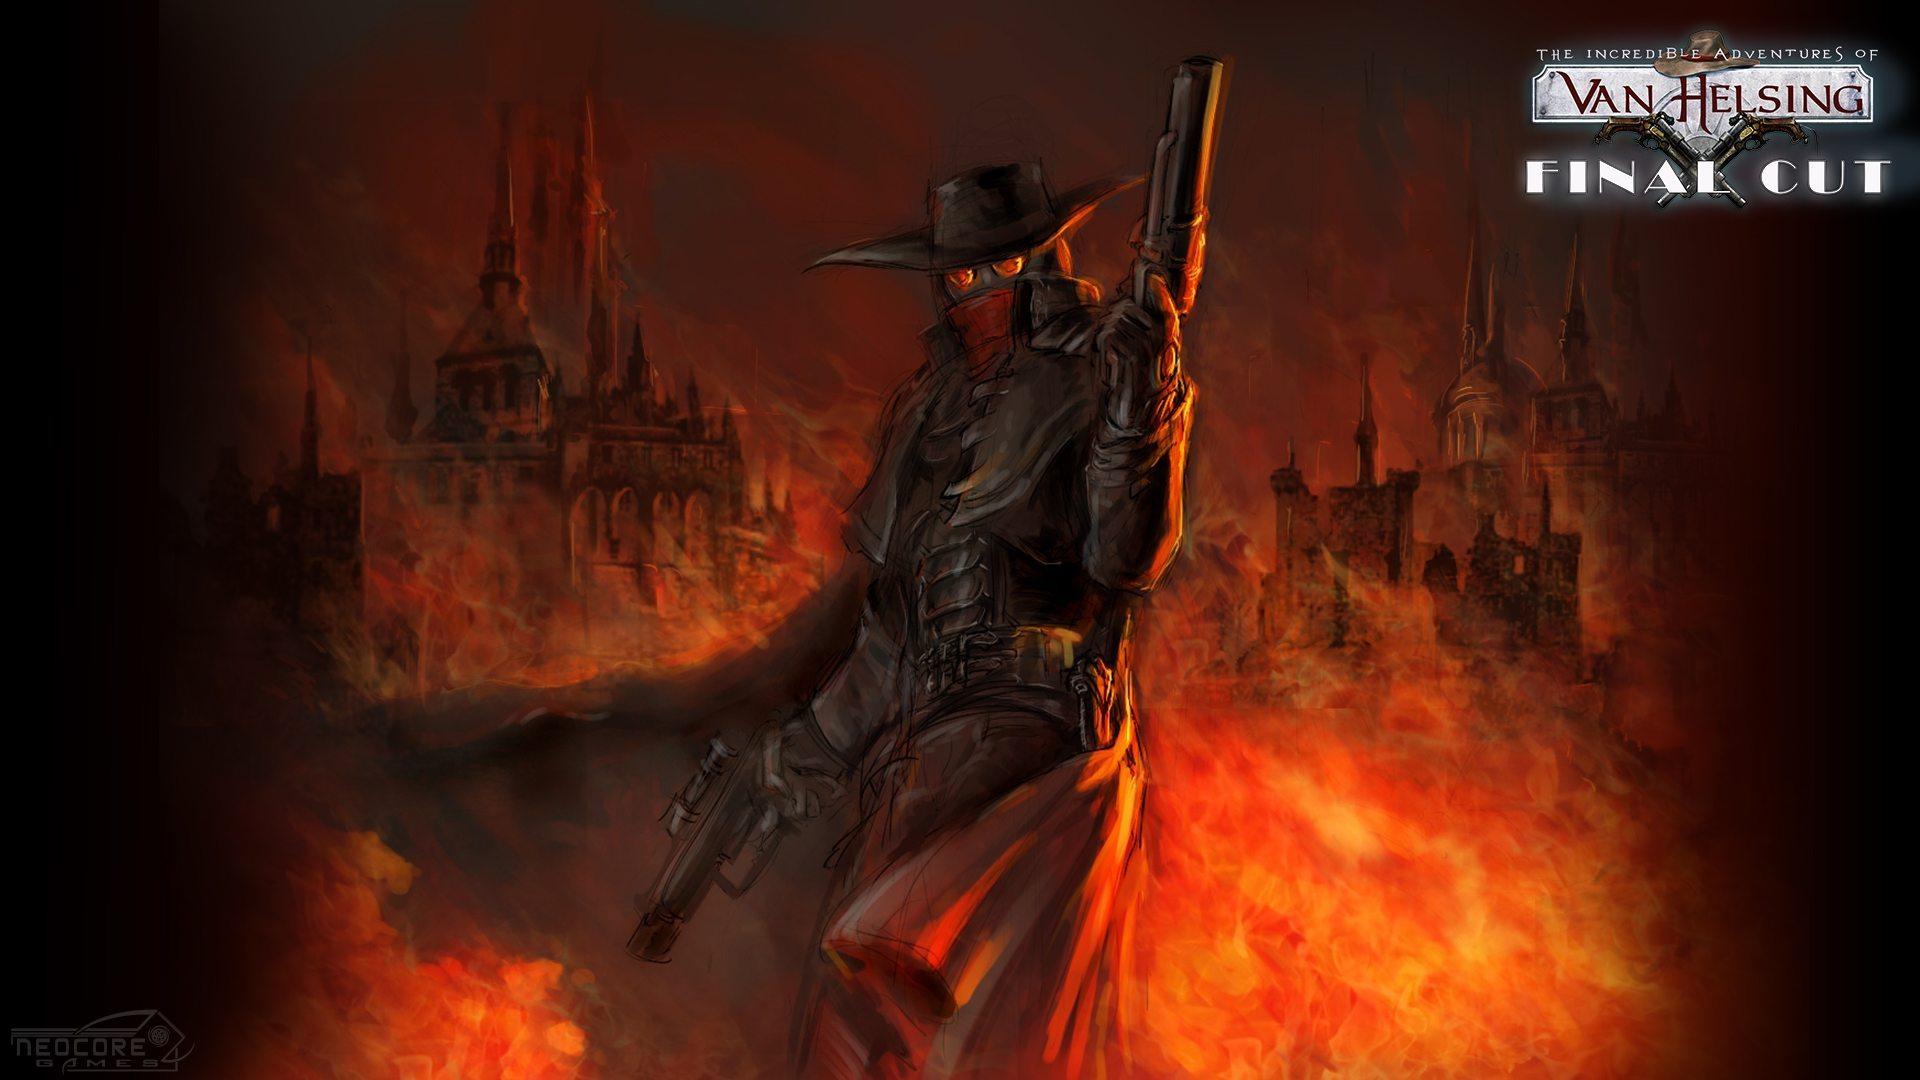 Adventures Of Van Helsing Final Cut the incredible adventures of van helsing final cut